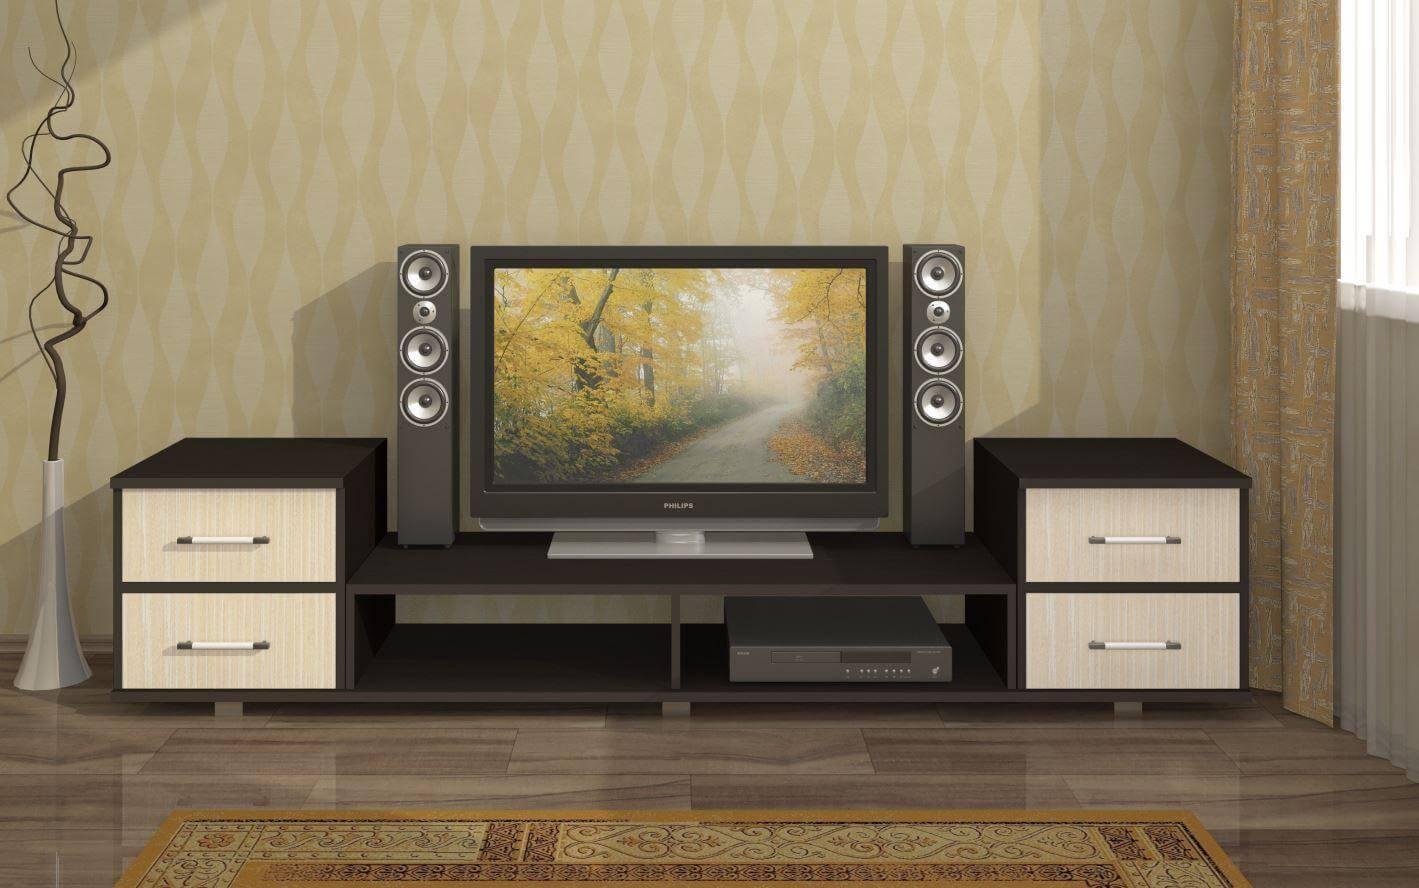 tumba-pod-televizor-s-yashchikami (27)